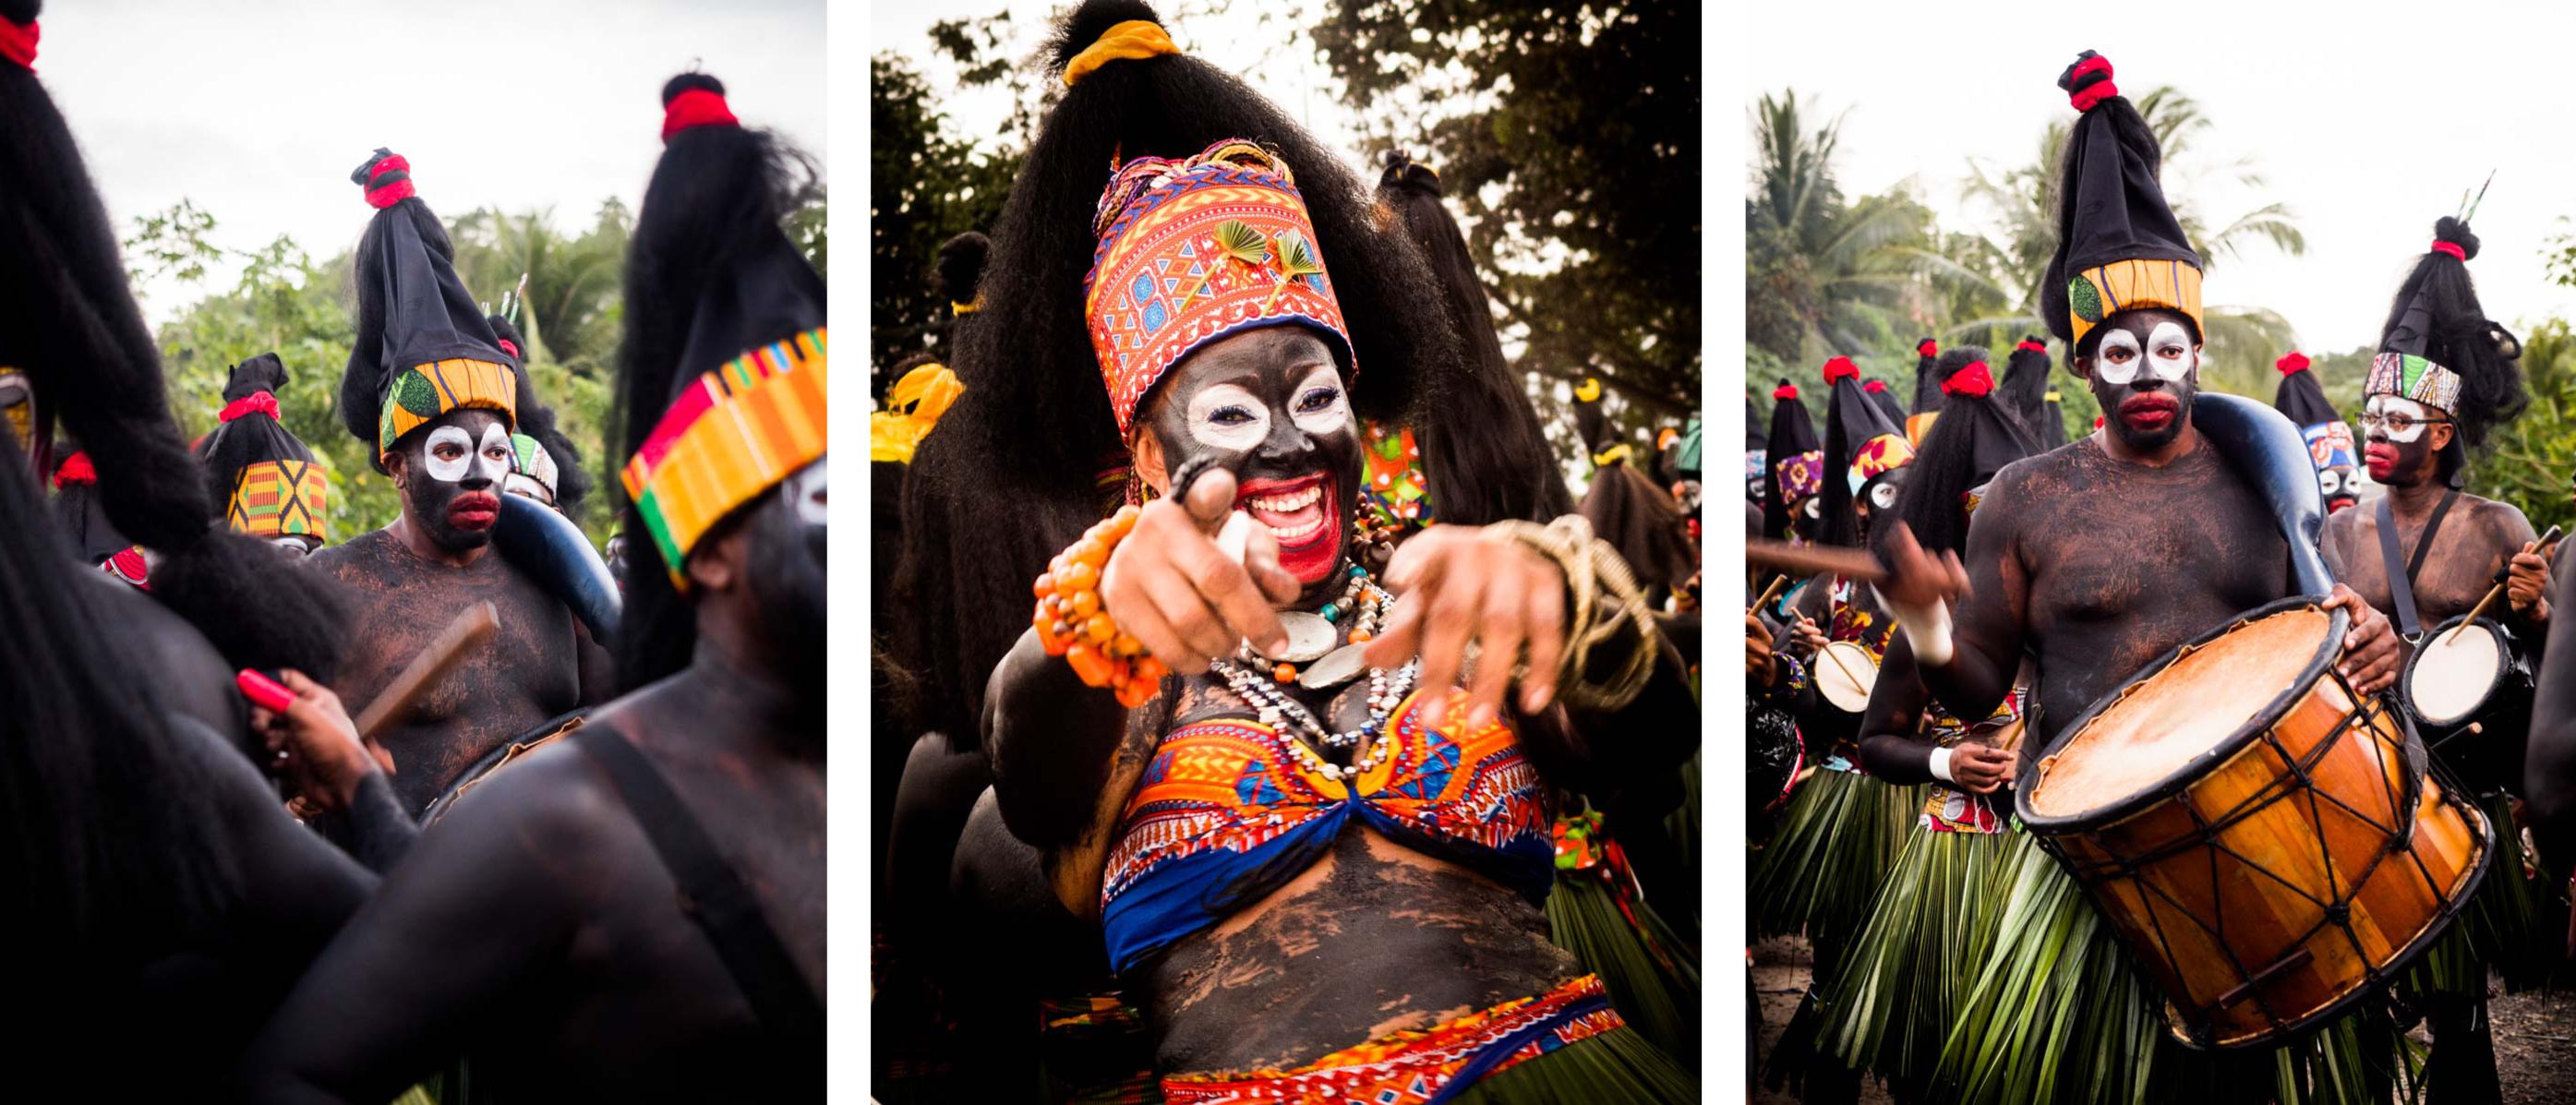 quel carnaval voir en Guadeloupe - livre de photographies - groupe à peau